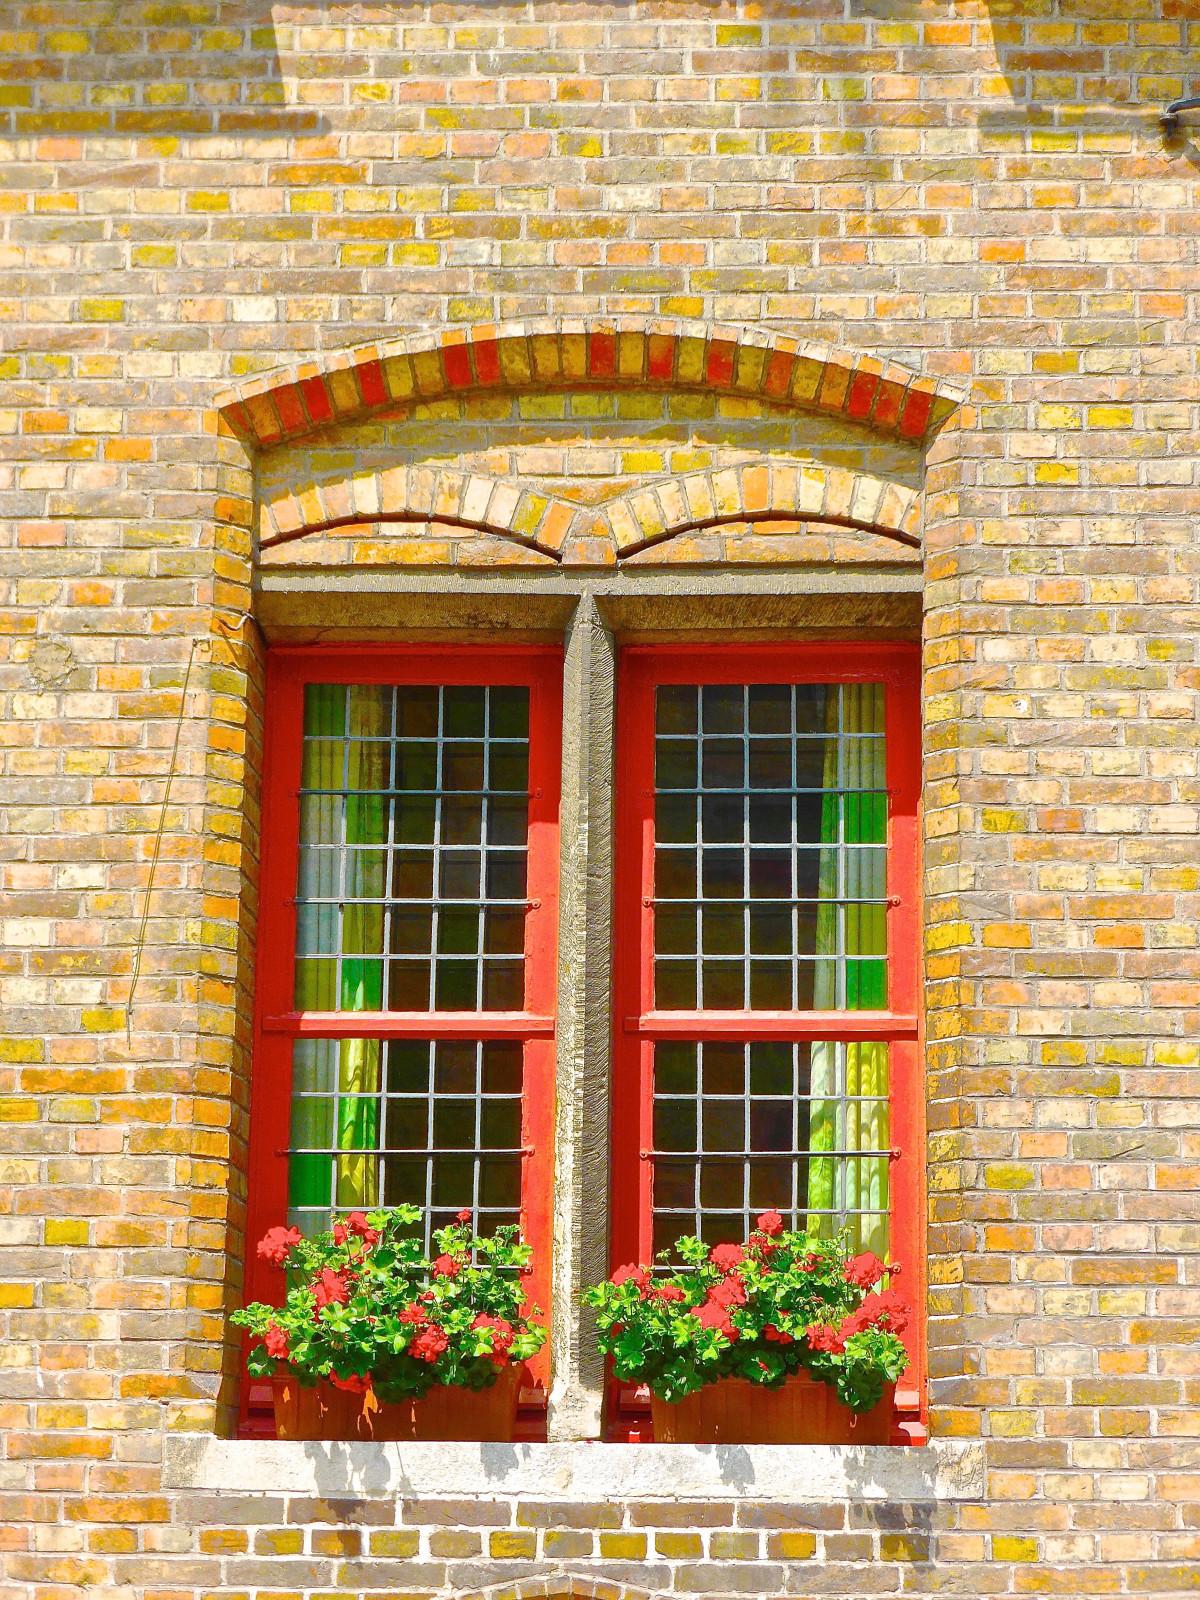 они понимают, картинка кирпичного дома с дверью что понимаю что